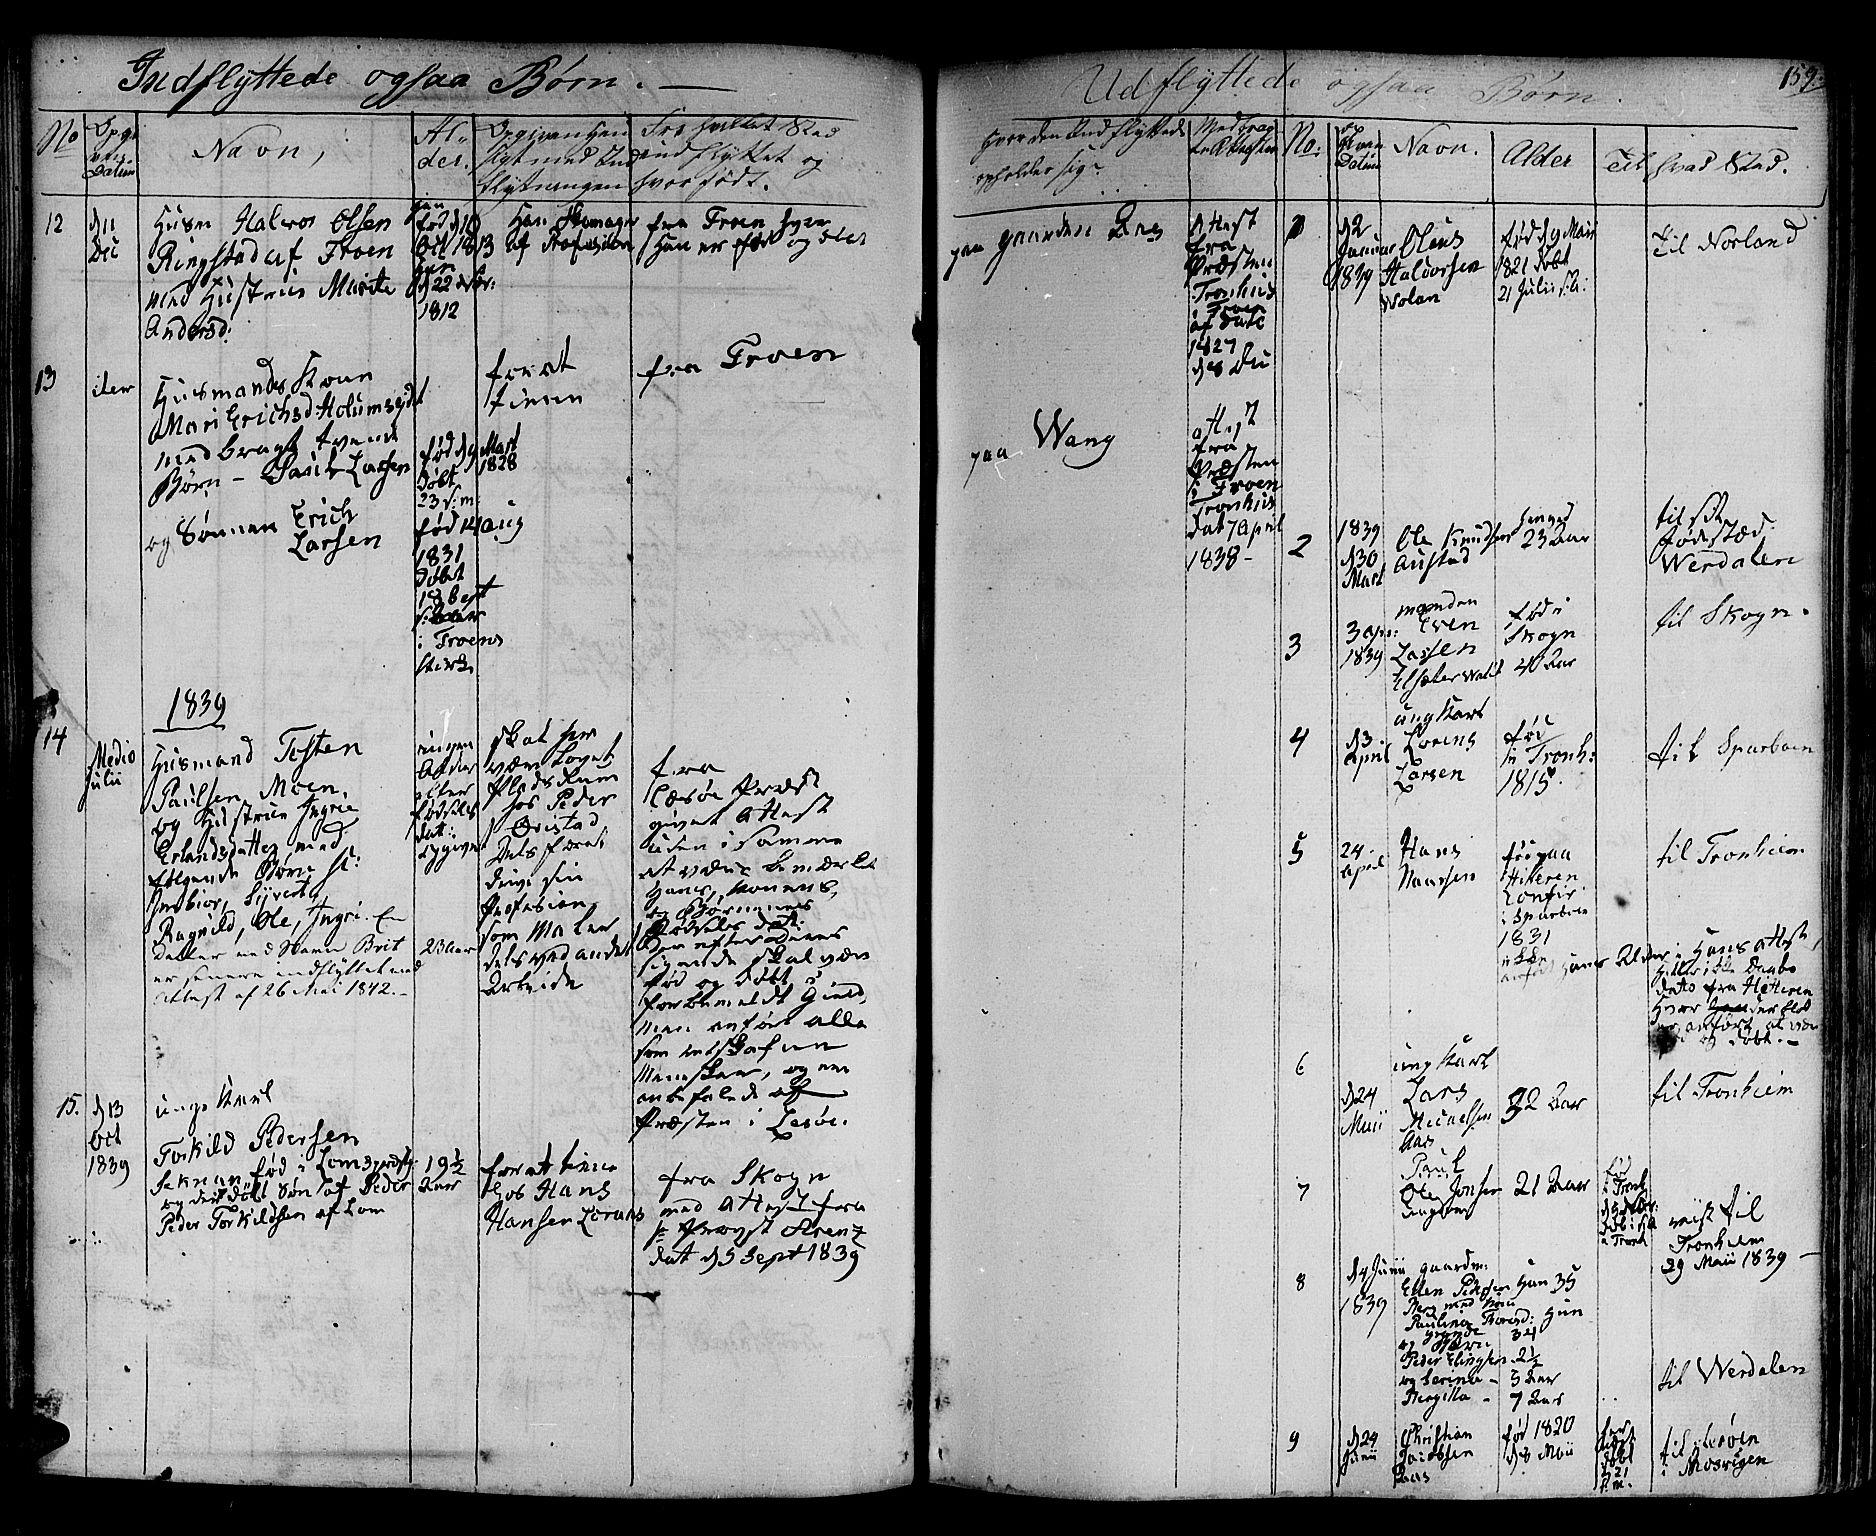 SAT, Ministerialprotokoller, klokkerbøker og fødselsregistre - Nord-Trøndelag, 730/L0277: Ministerialbok nr. 730A06 /1, 1830-1839, s. 159